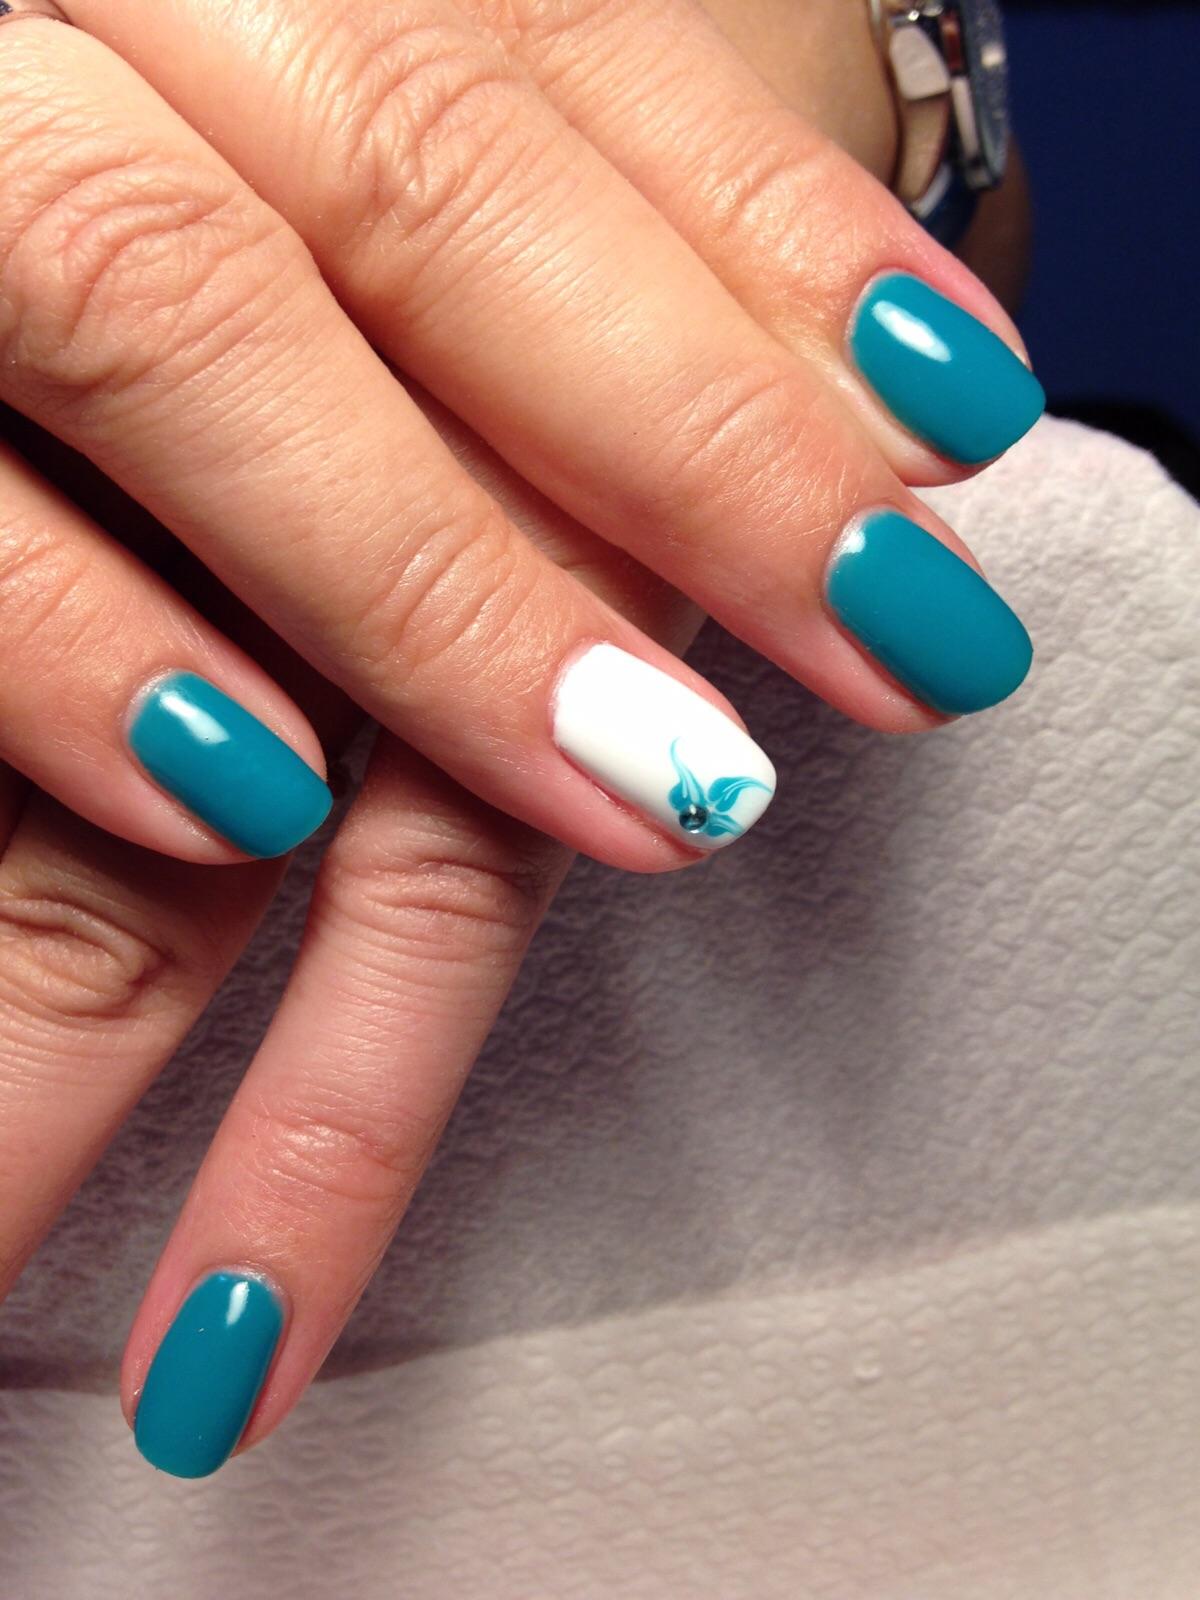 Amato estetica unghie ferrara - smalto semipermanente verde 2 - ESTETICA  WS21